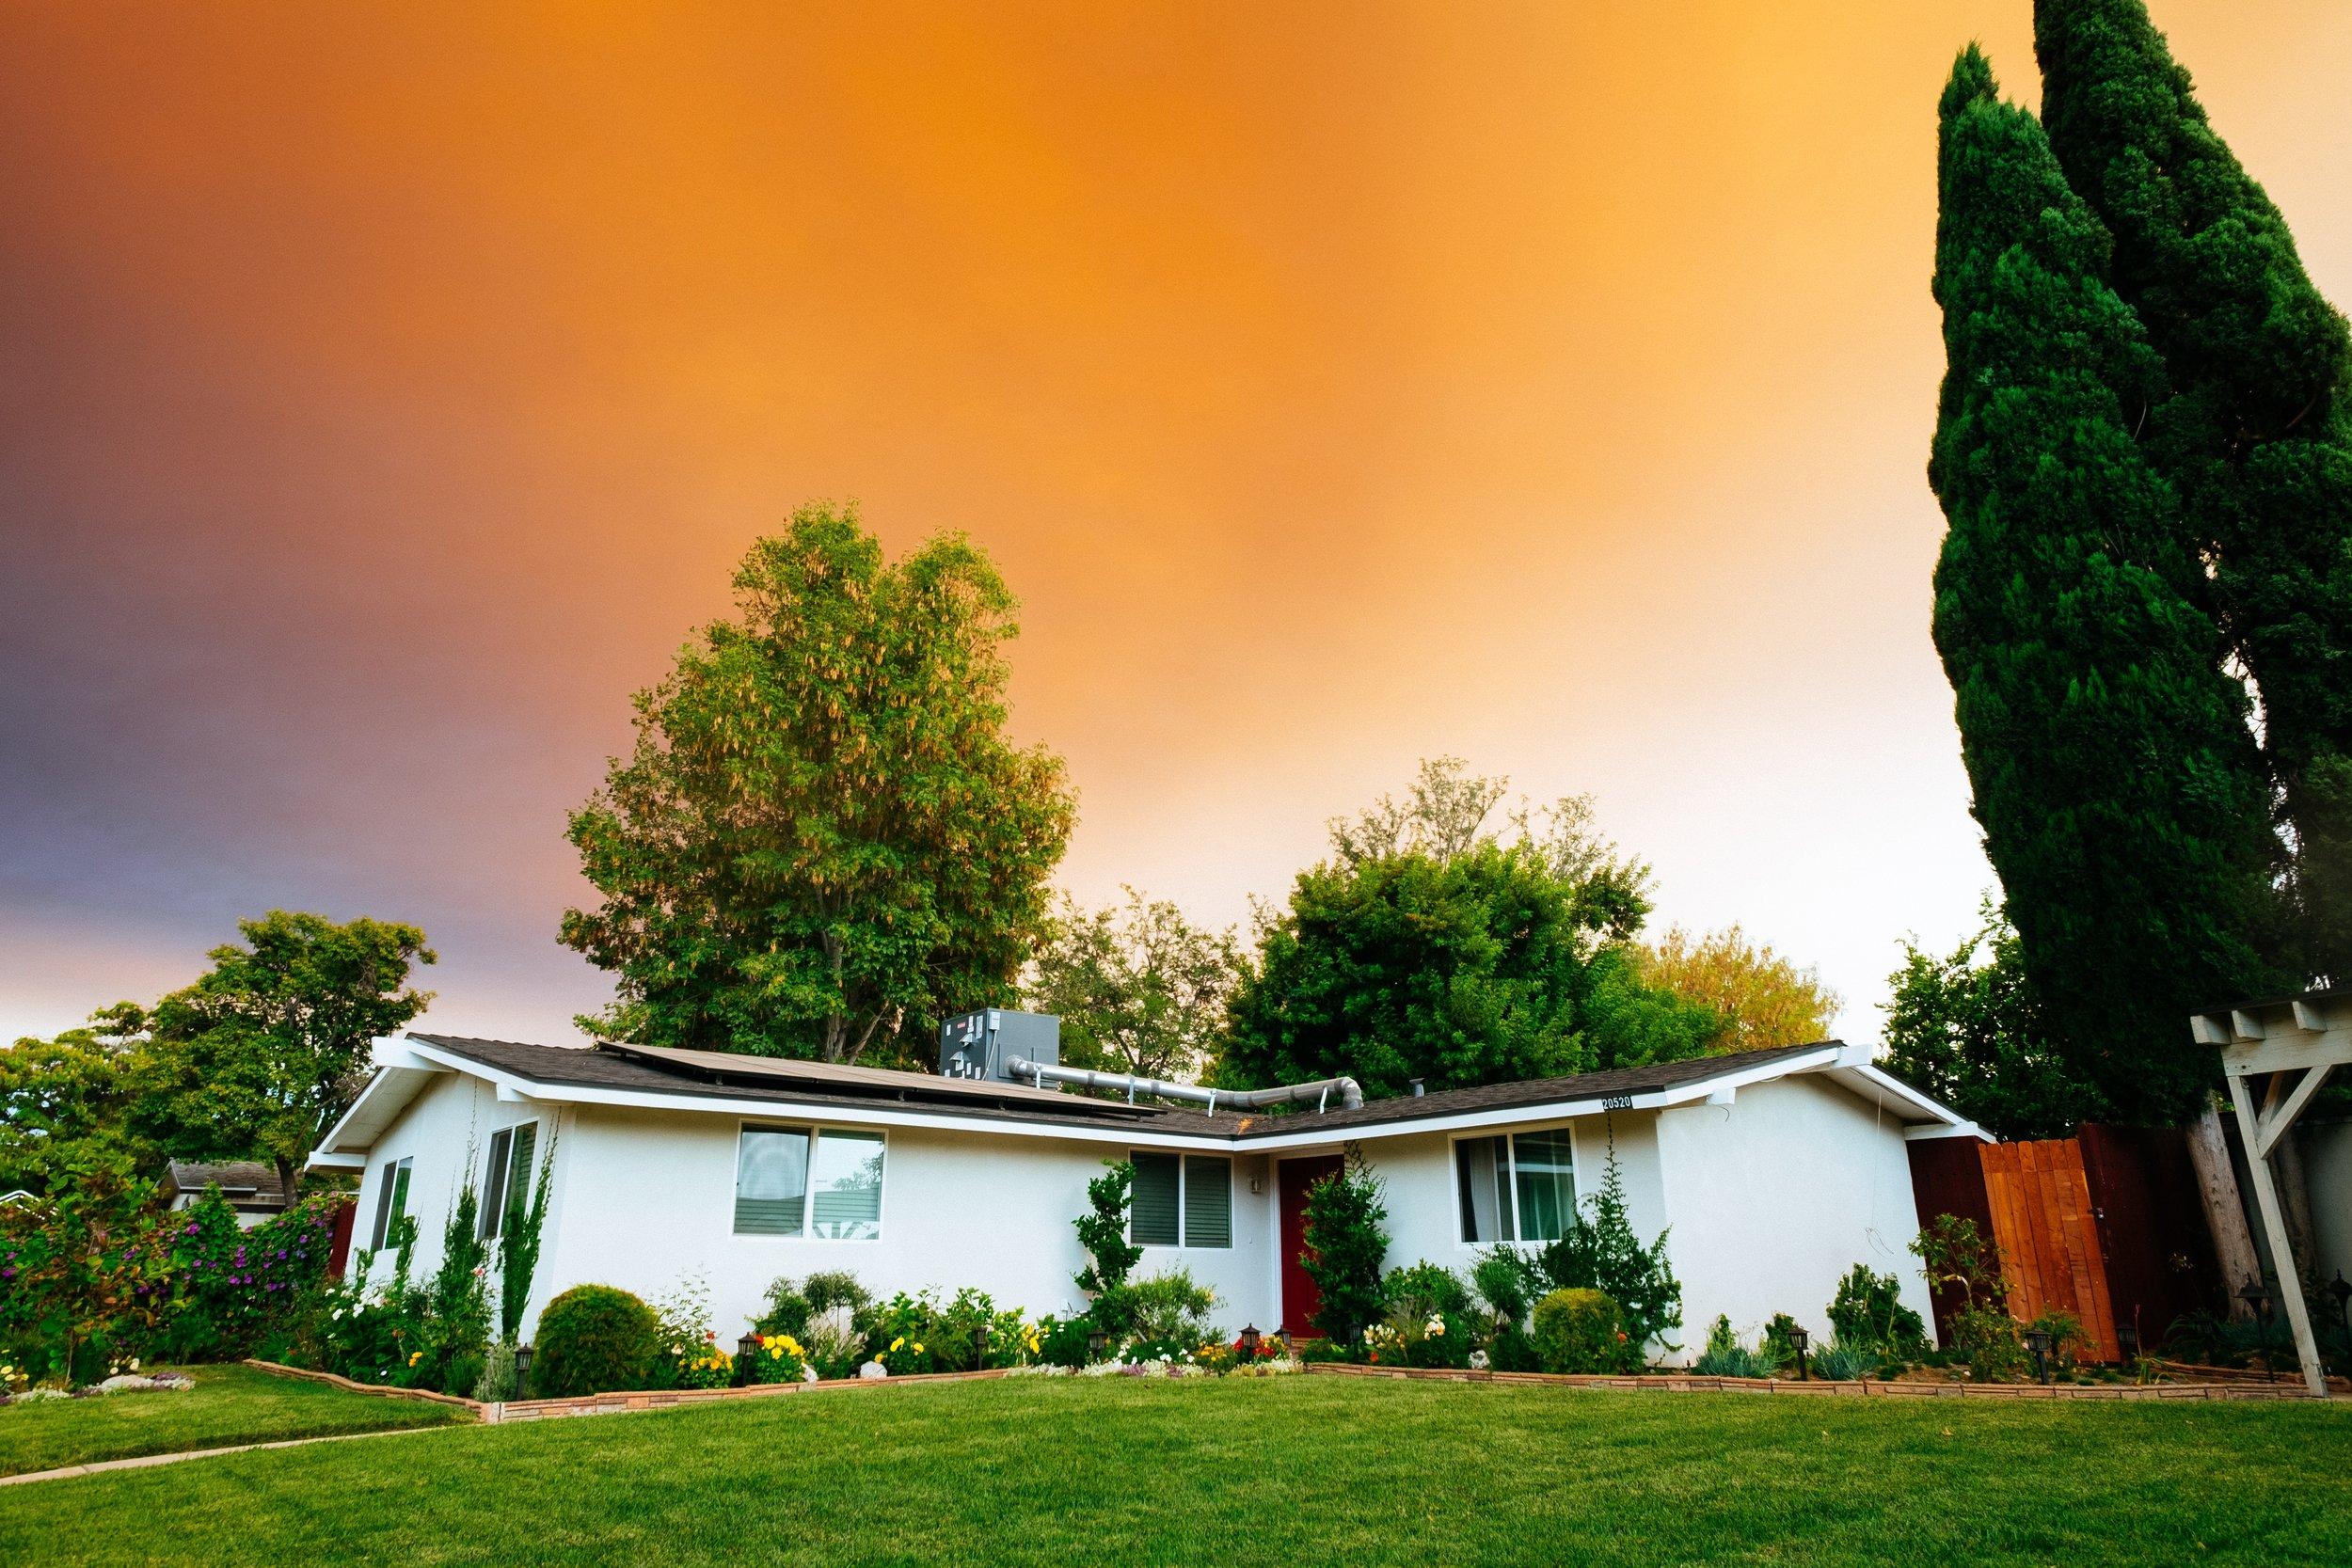 maison principale plus-value impôts